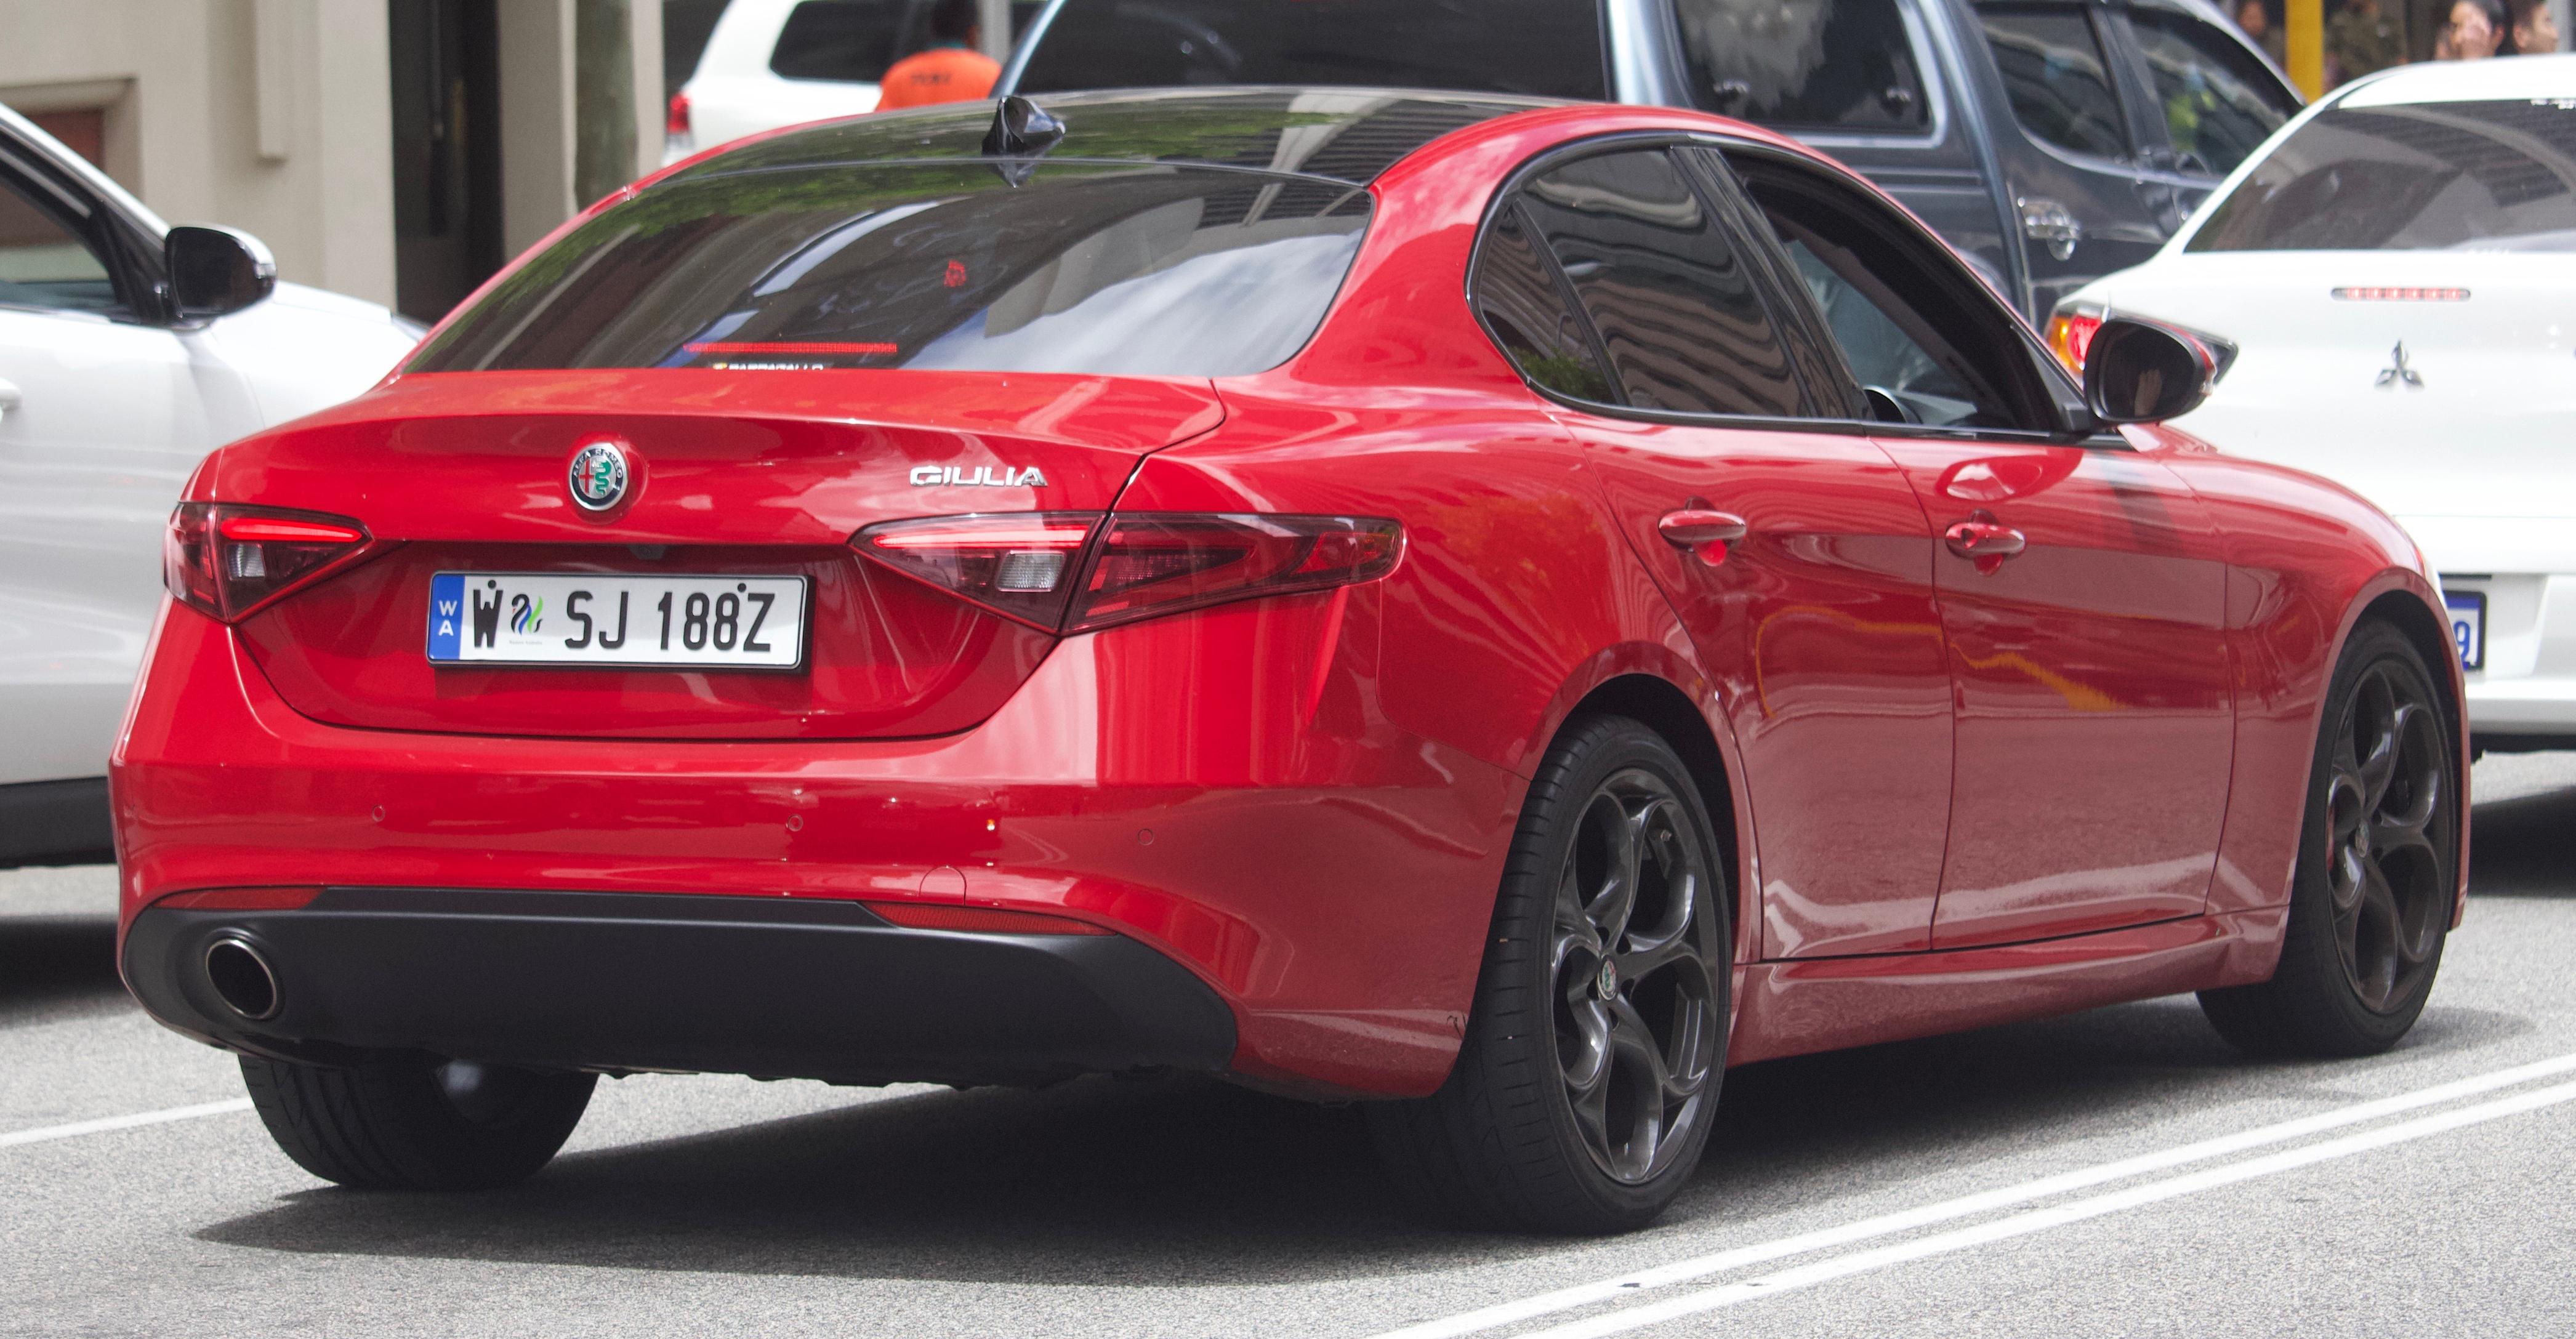 Alfa Romeo Giulia >> File 2018 Alfa Romeo Giulia 952 Sedan 2018 11 22 02 Jpg